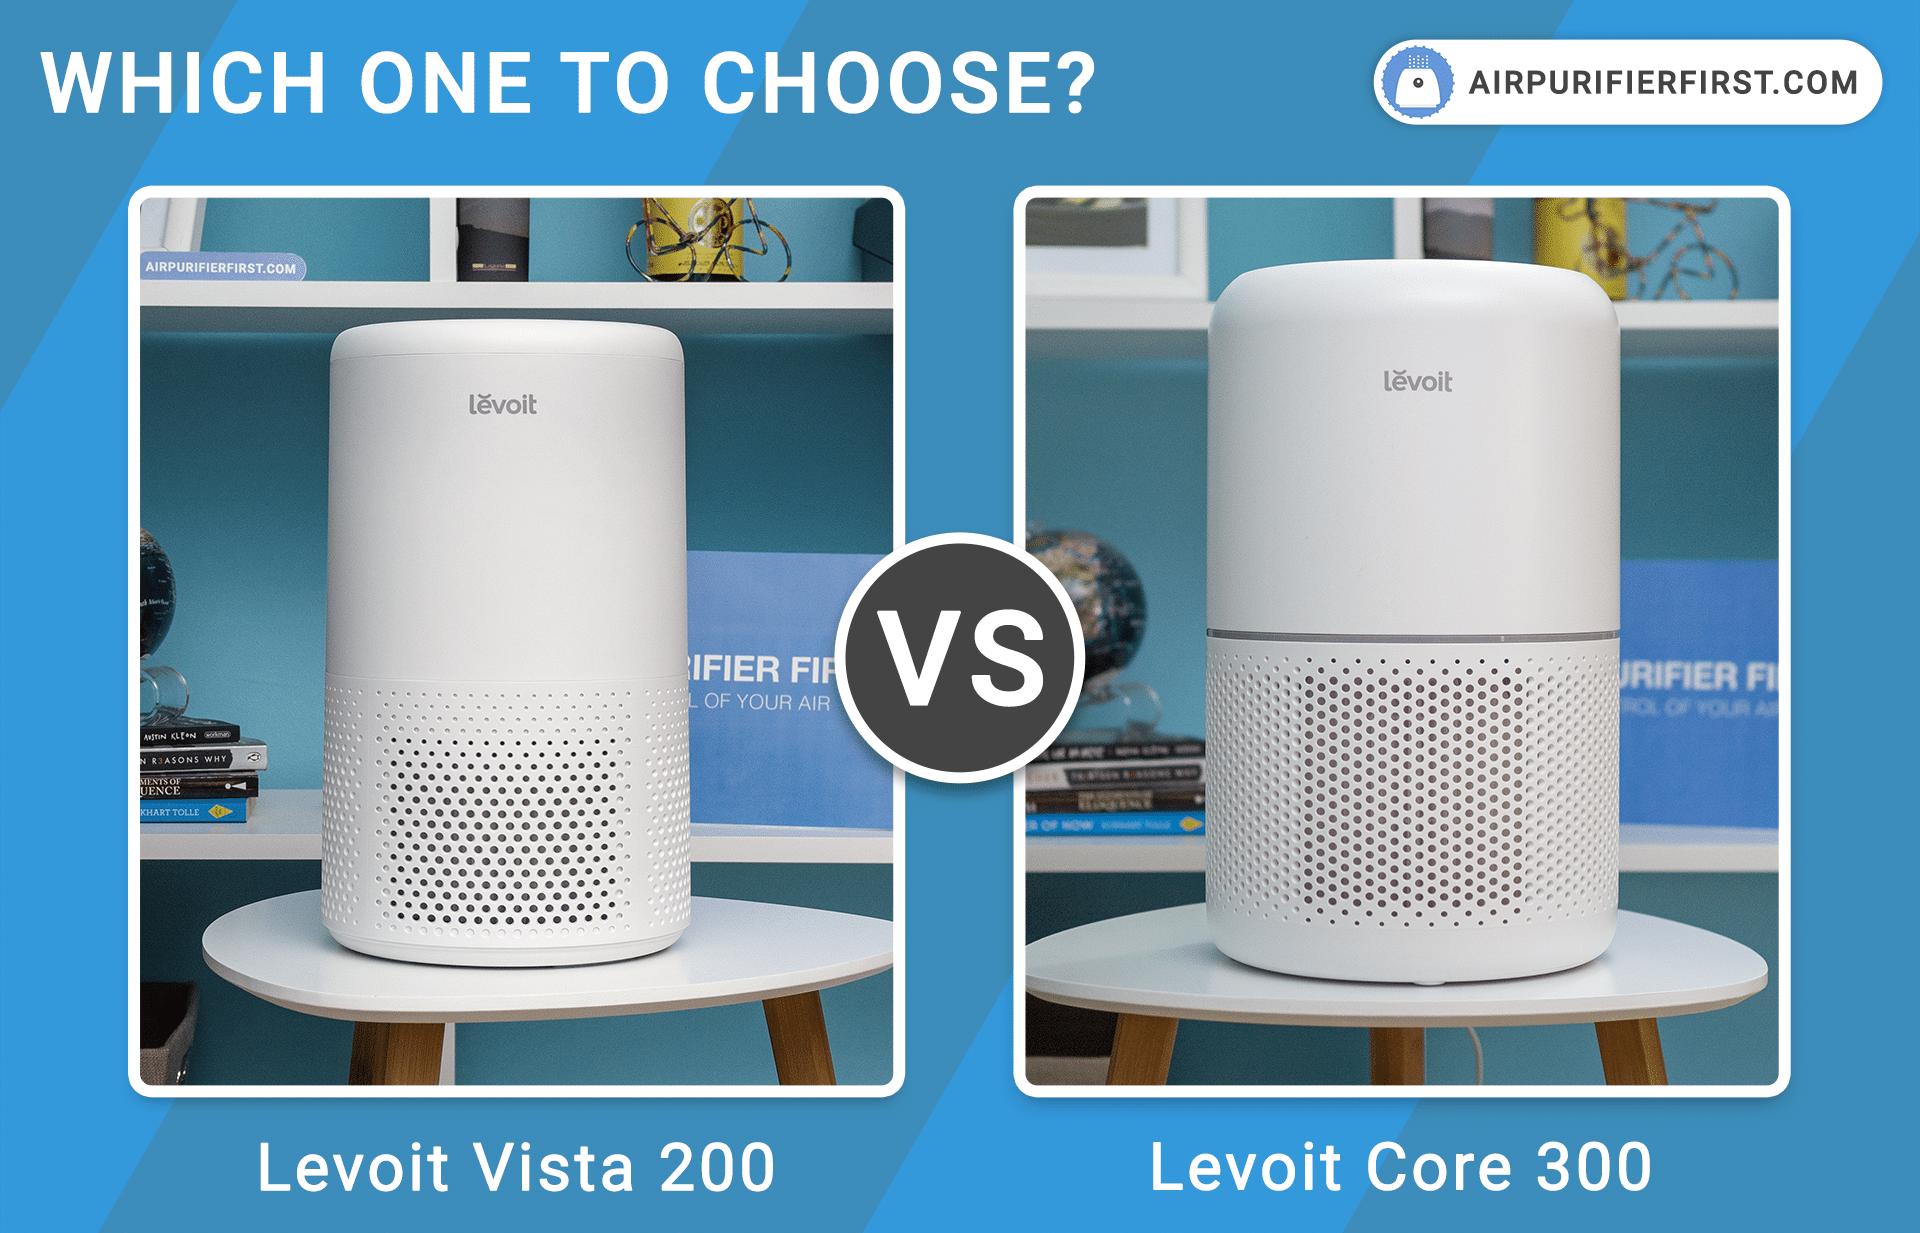 Levoit Vista 200 Vs Levoit Core 300 Comparison